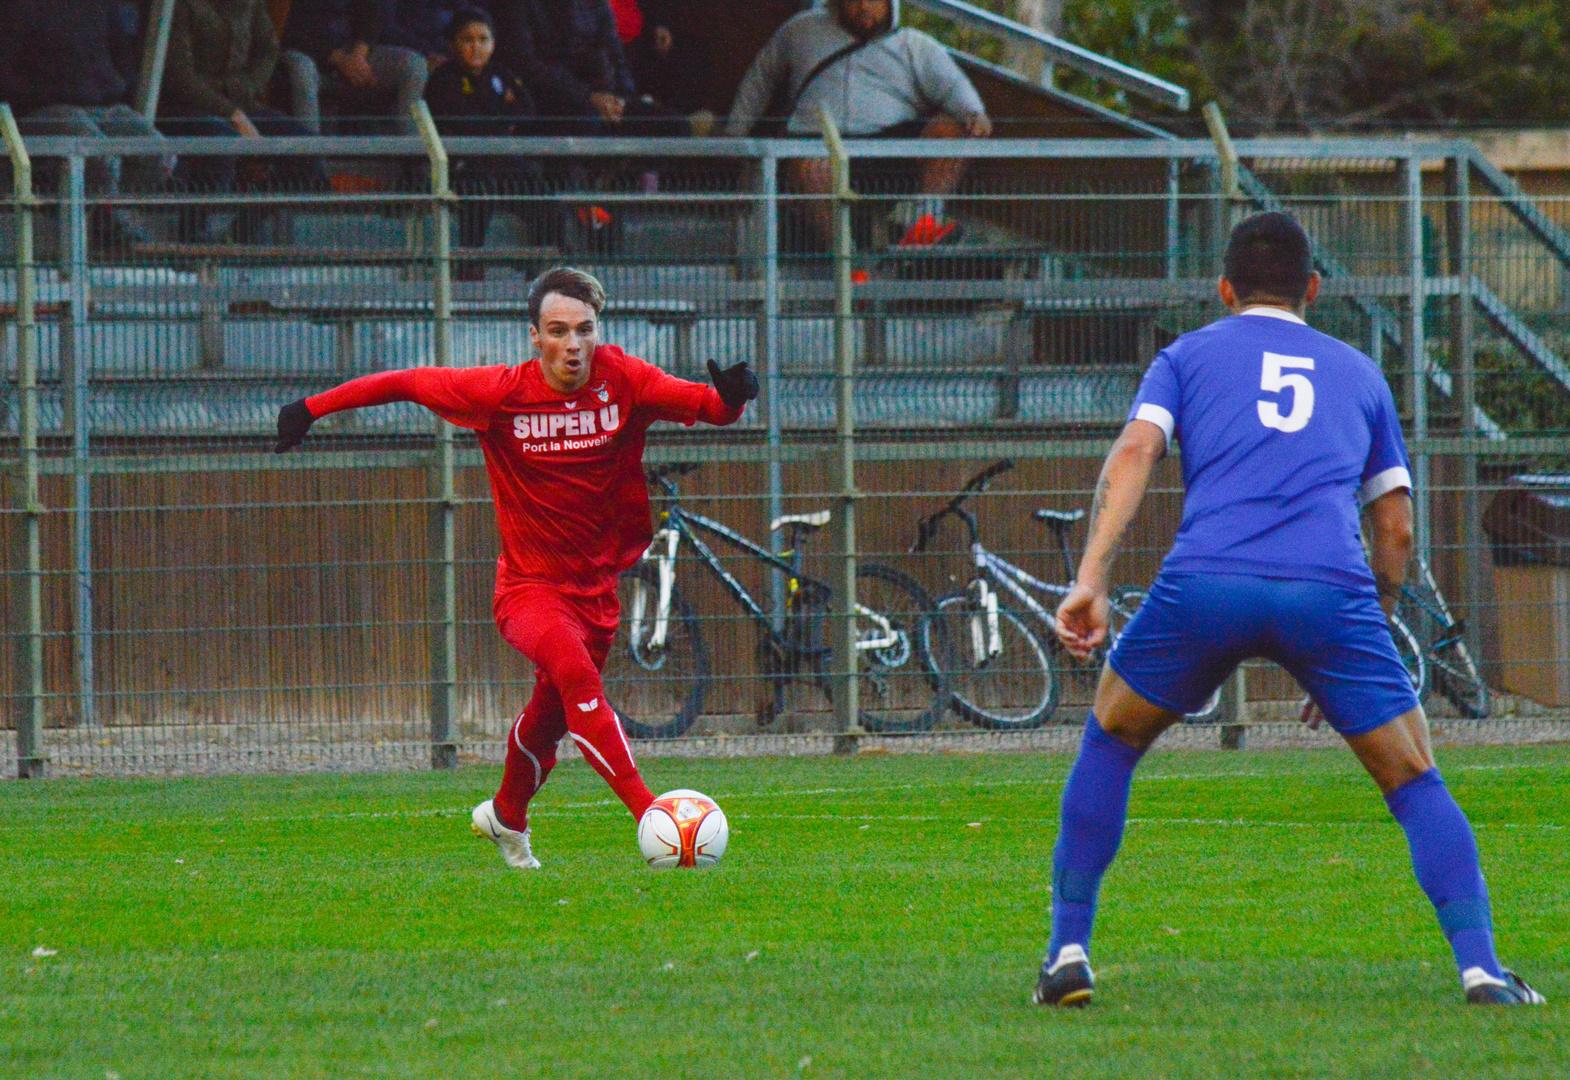 Le football comme passion commune